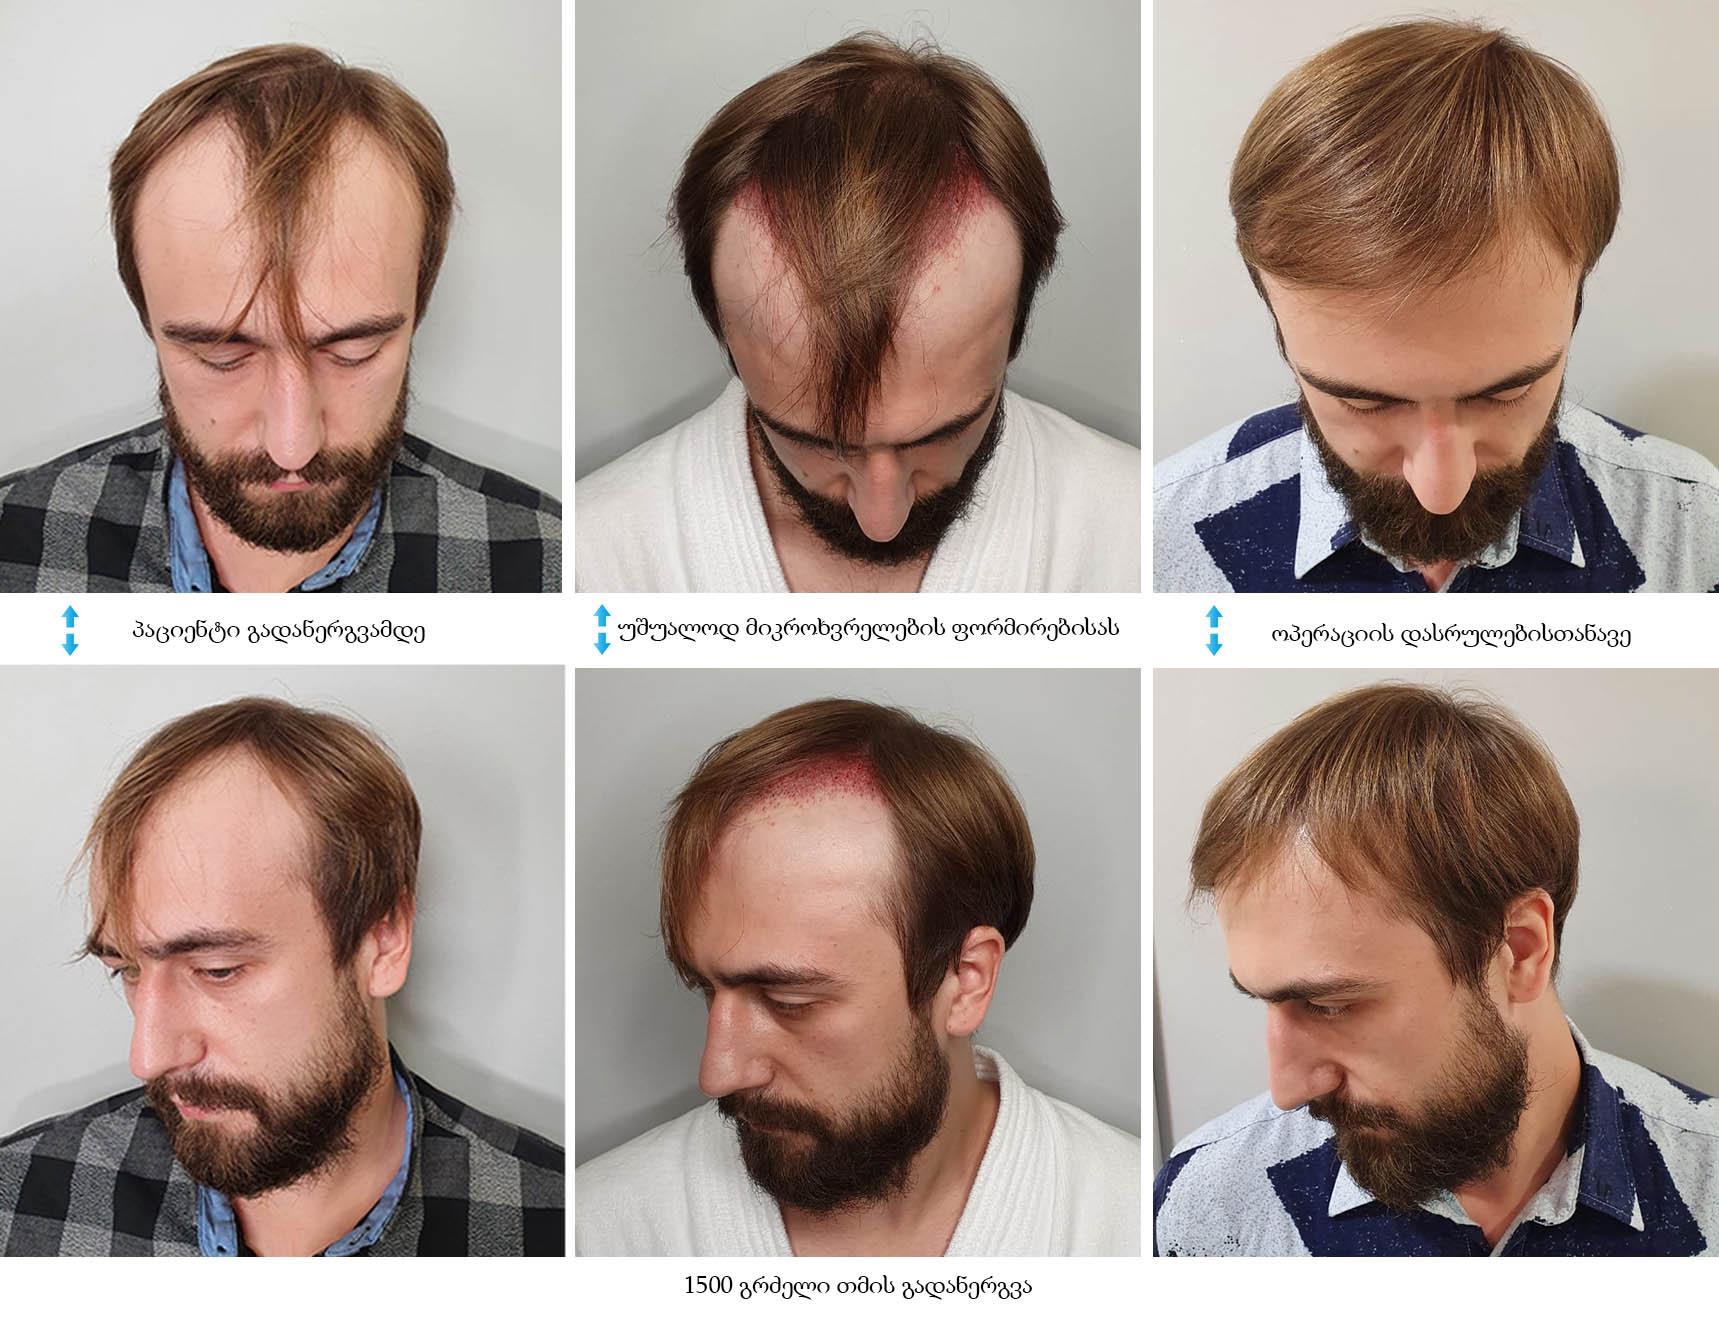 1500 გრძელი თმის გადანერგვა